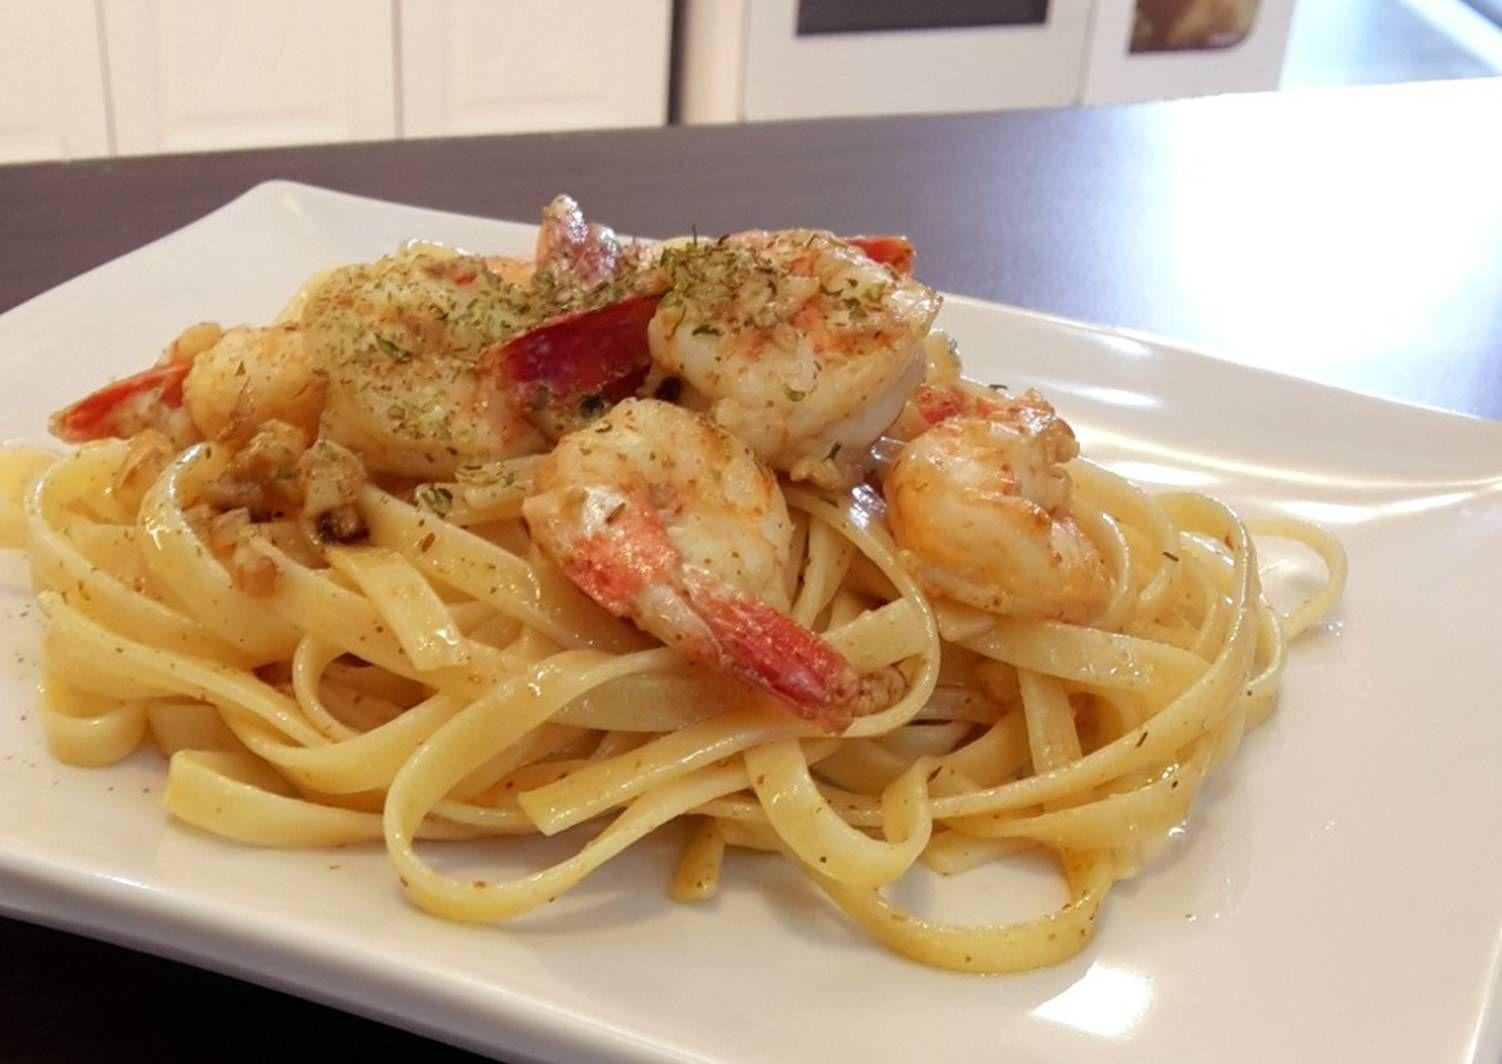 Resep Fettucini Spaghetti Anglio Olio Seafood Oleh Amei Resep Di 2020 Resep Masakan Masakan Resep